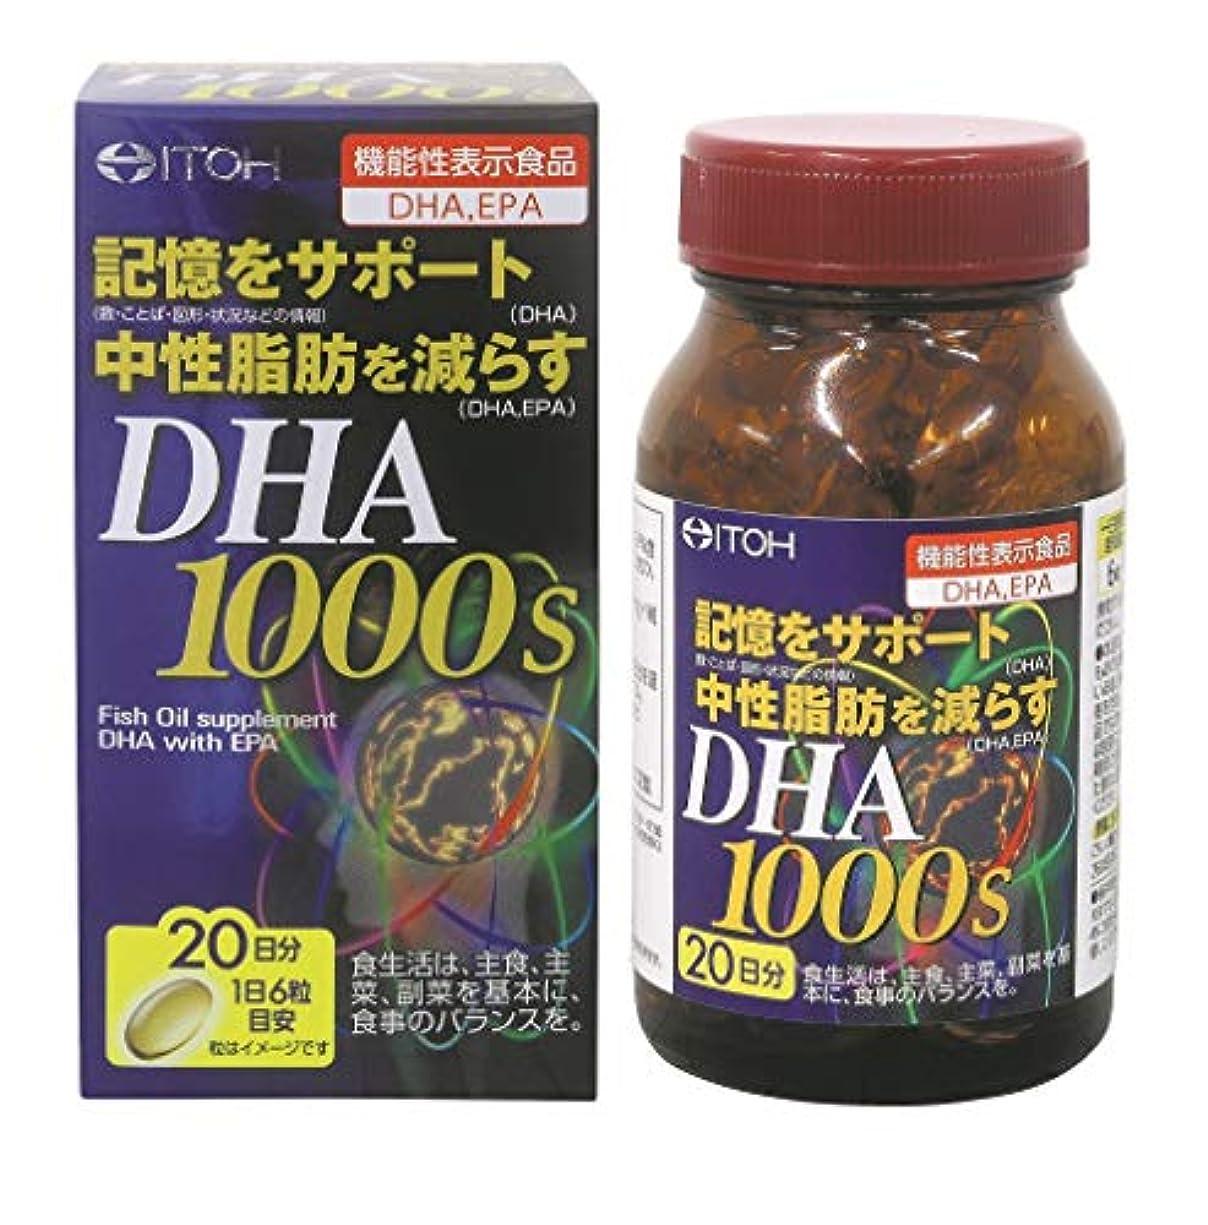 ほとんどの場合垂直幸運なことに井藤漢方製薬 DHA1000 (ディーエイチエー) 約20日分 120粒